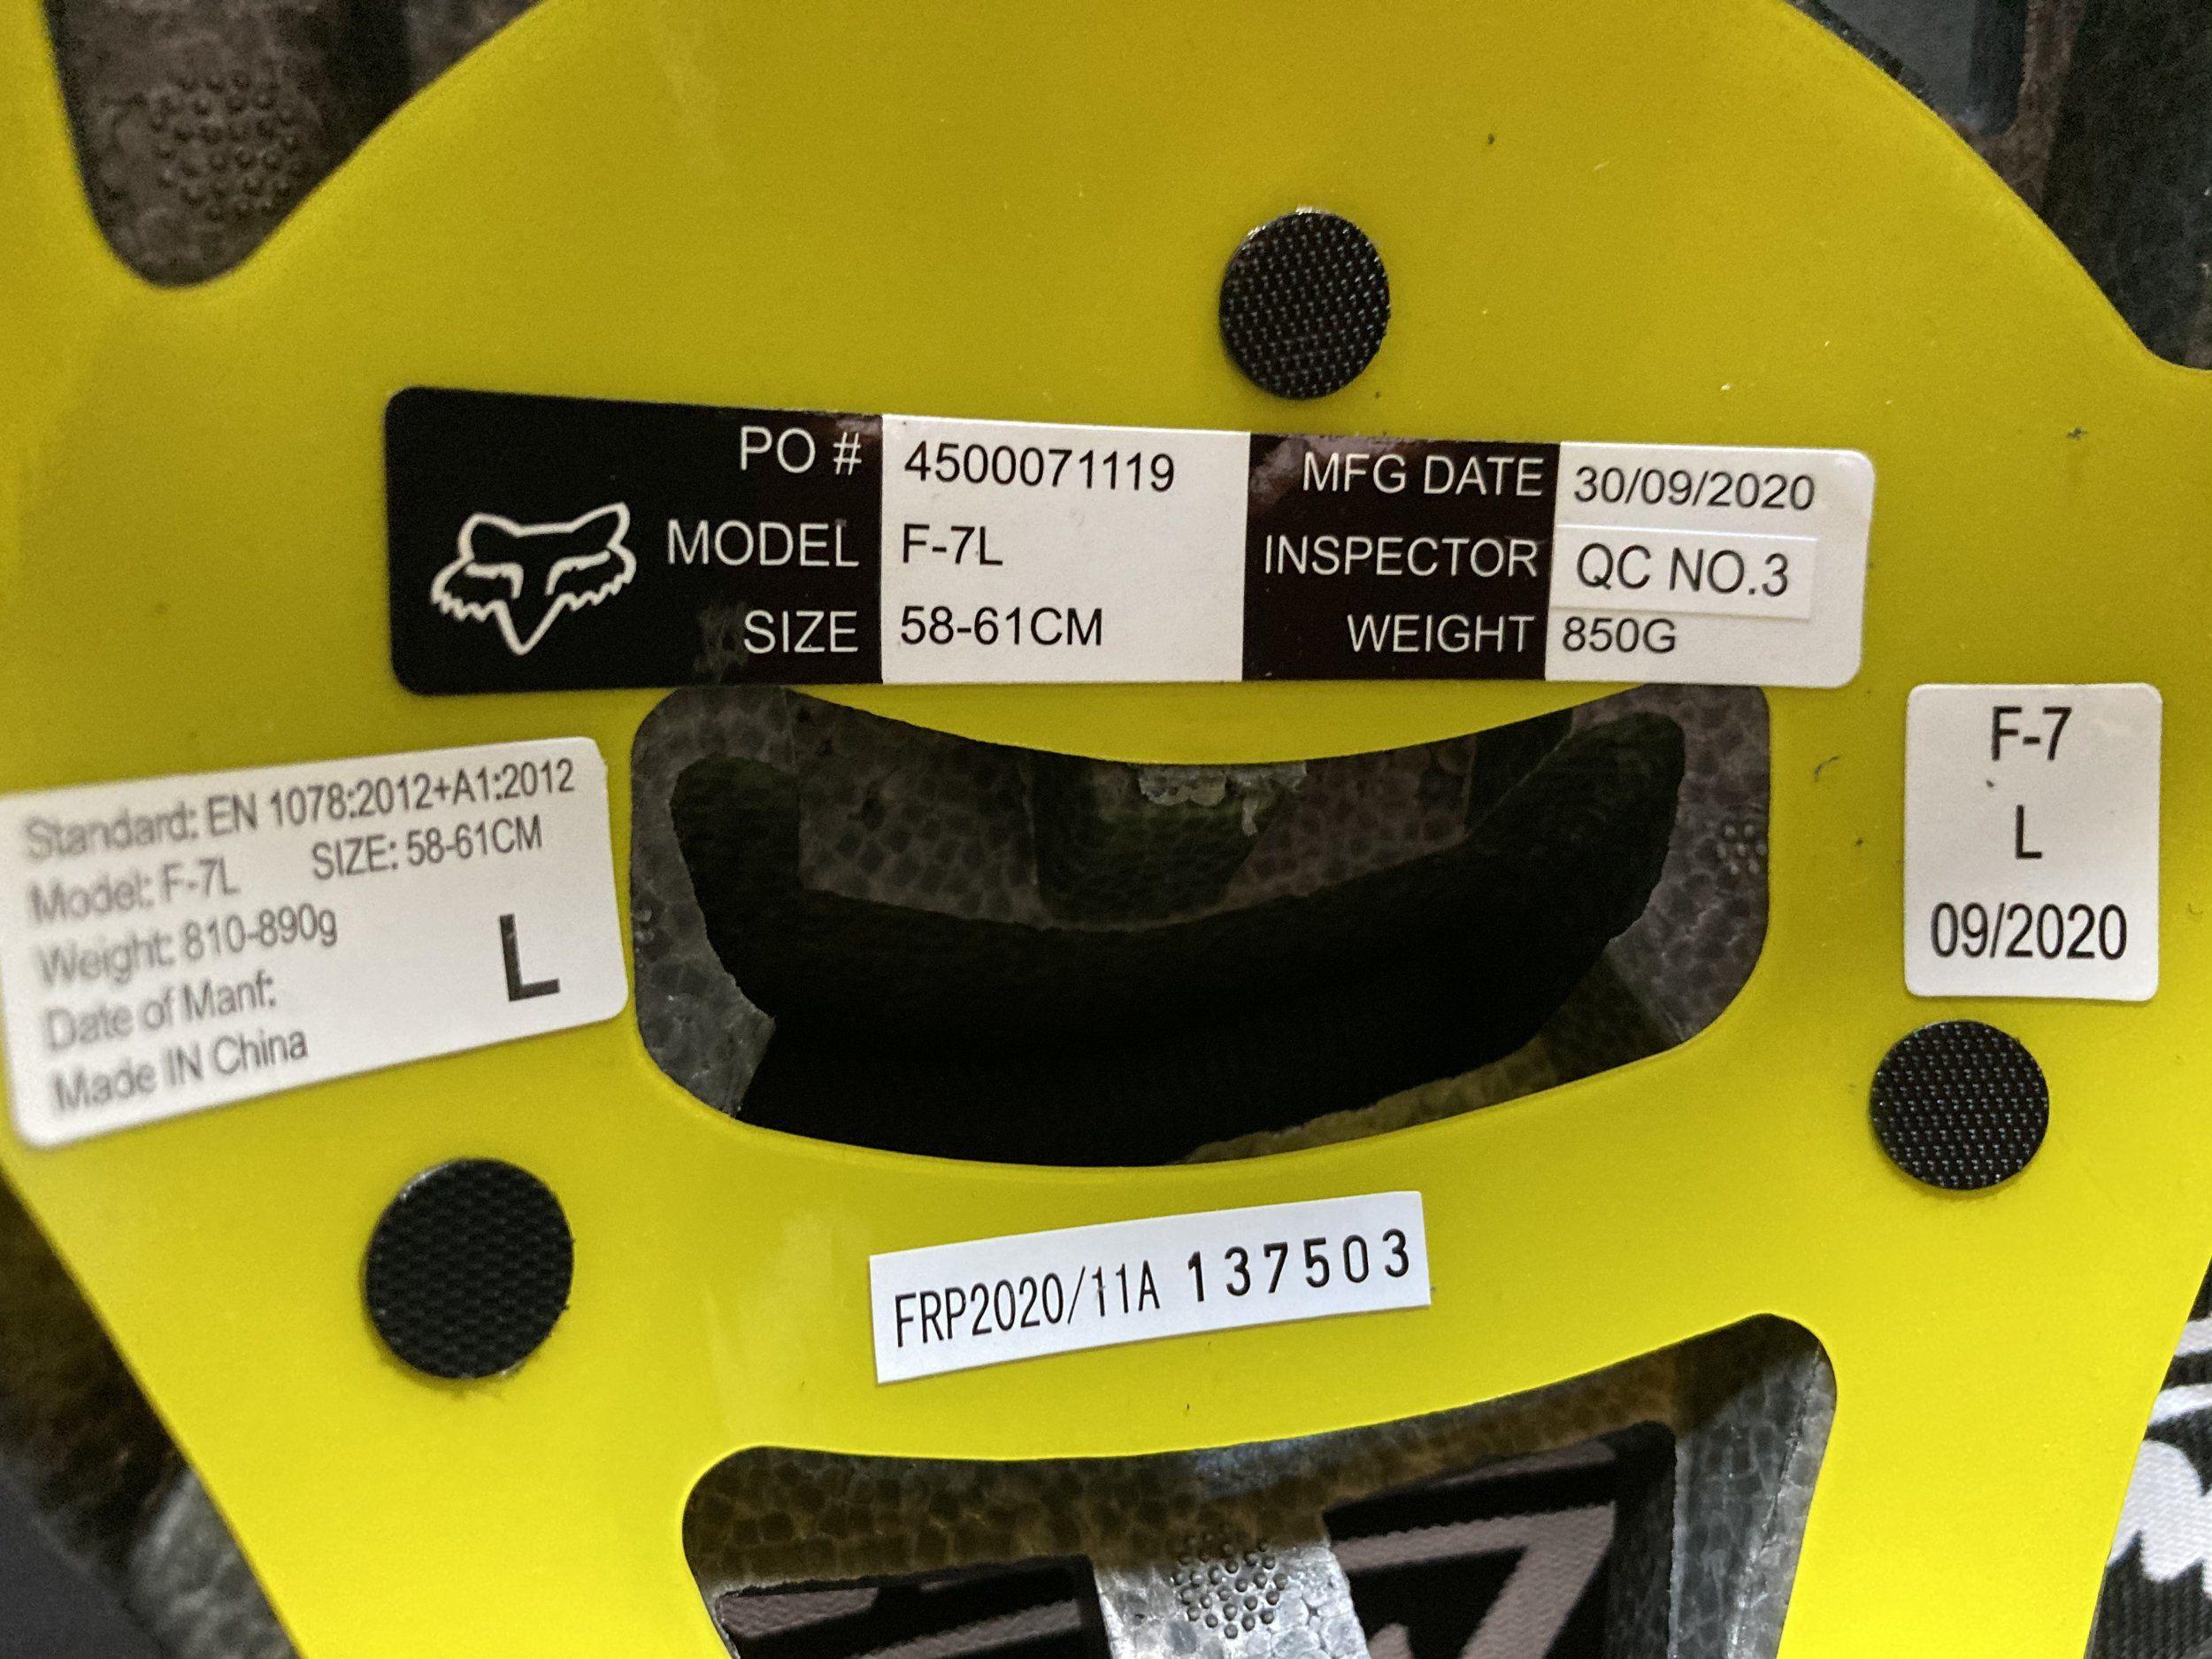 5493F598-305E-4FA3-B1B6-3A84983A7D53.jpeg